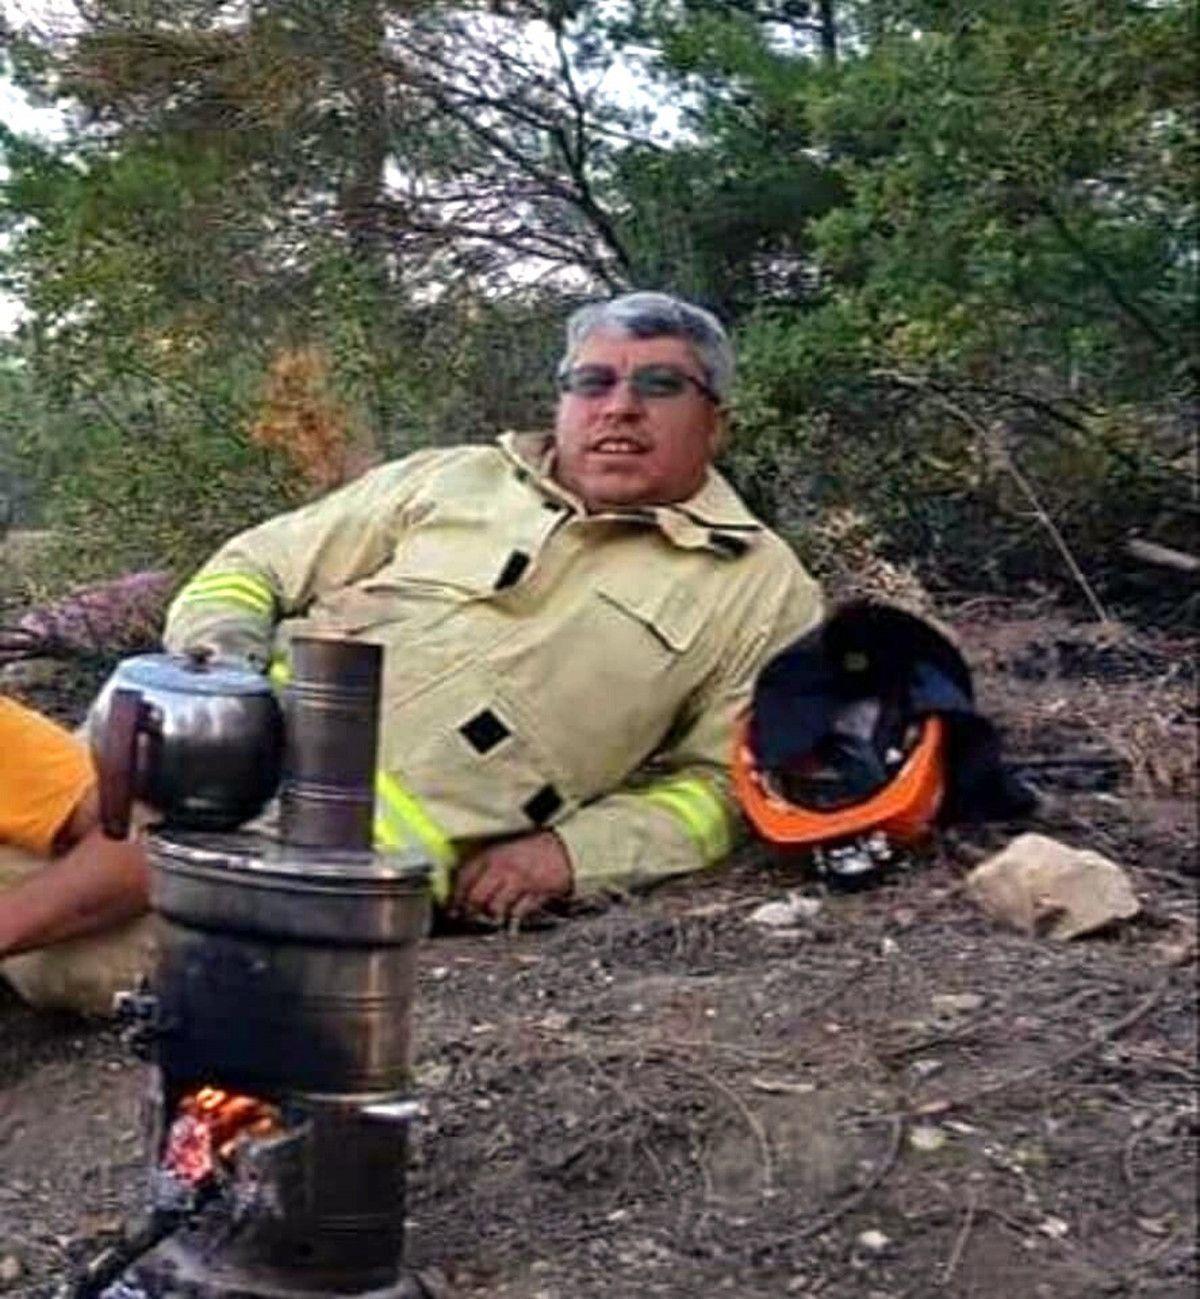 Manavgat ta can veren orman işçisinin oğlu: Emekli olduğu halde işinden kopamadı #3